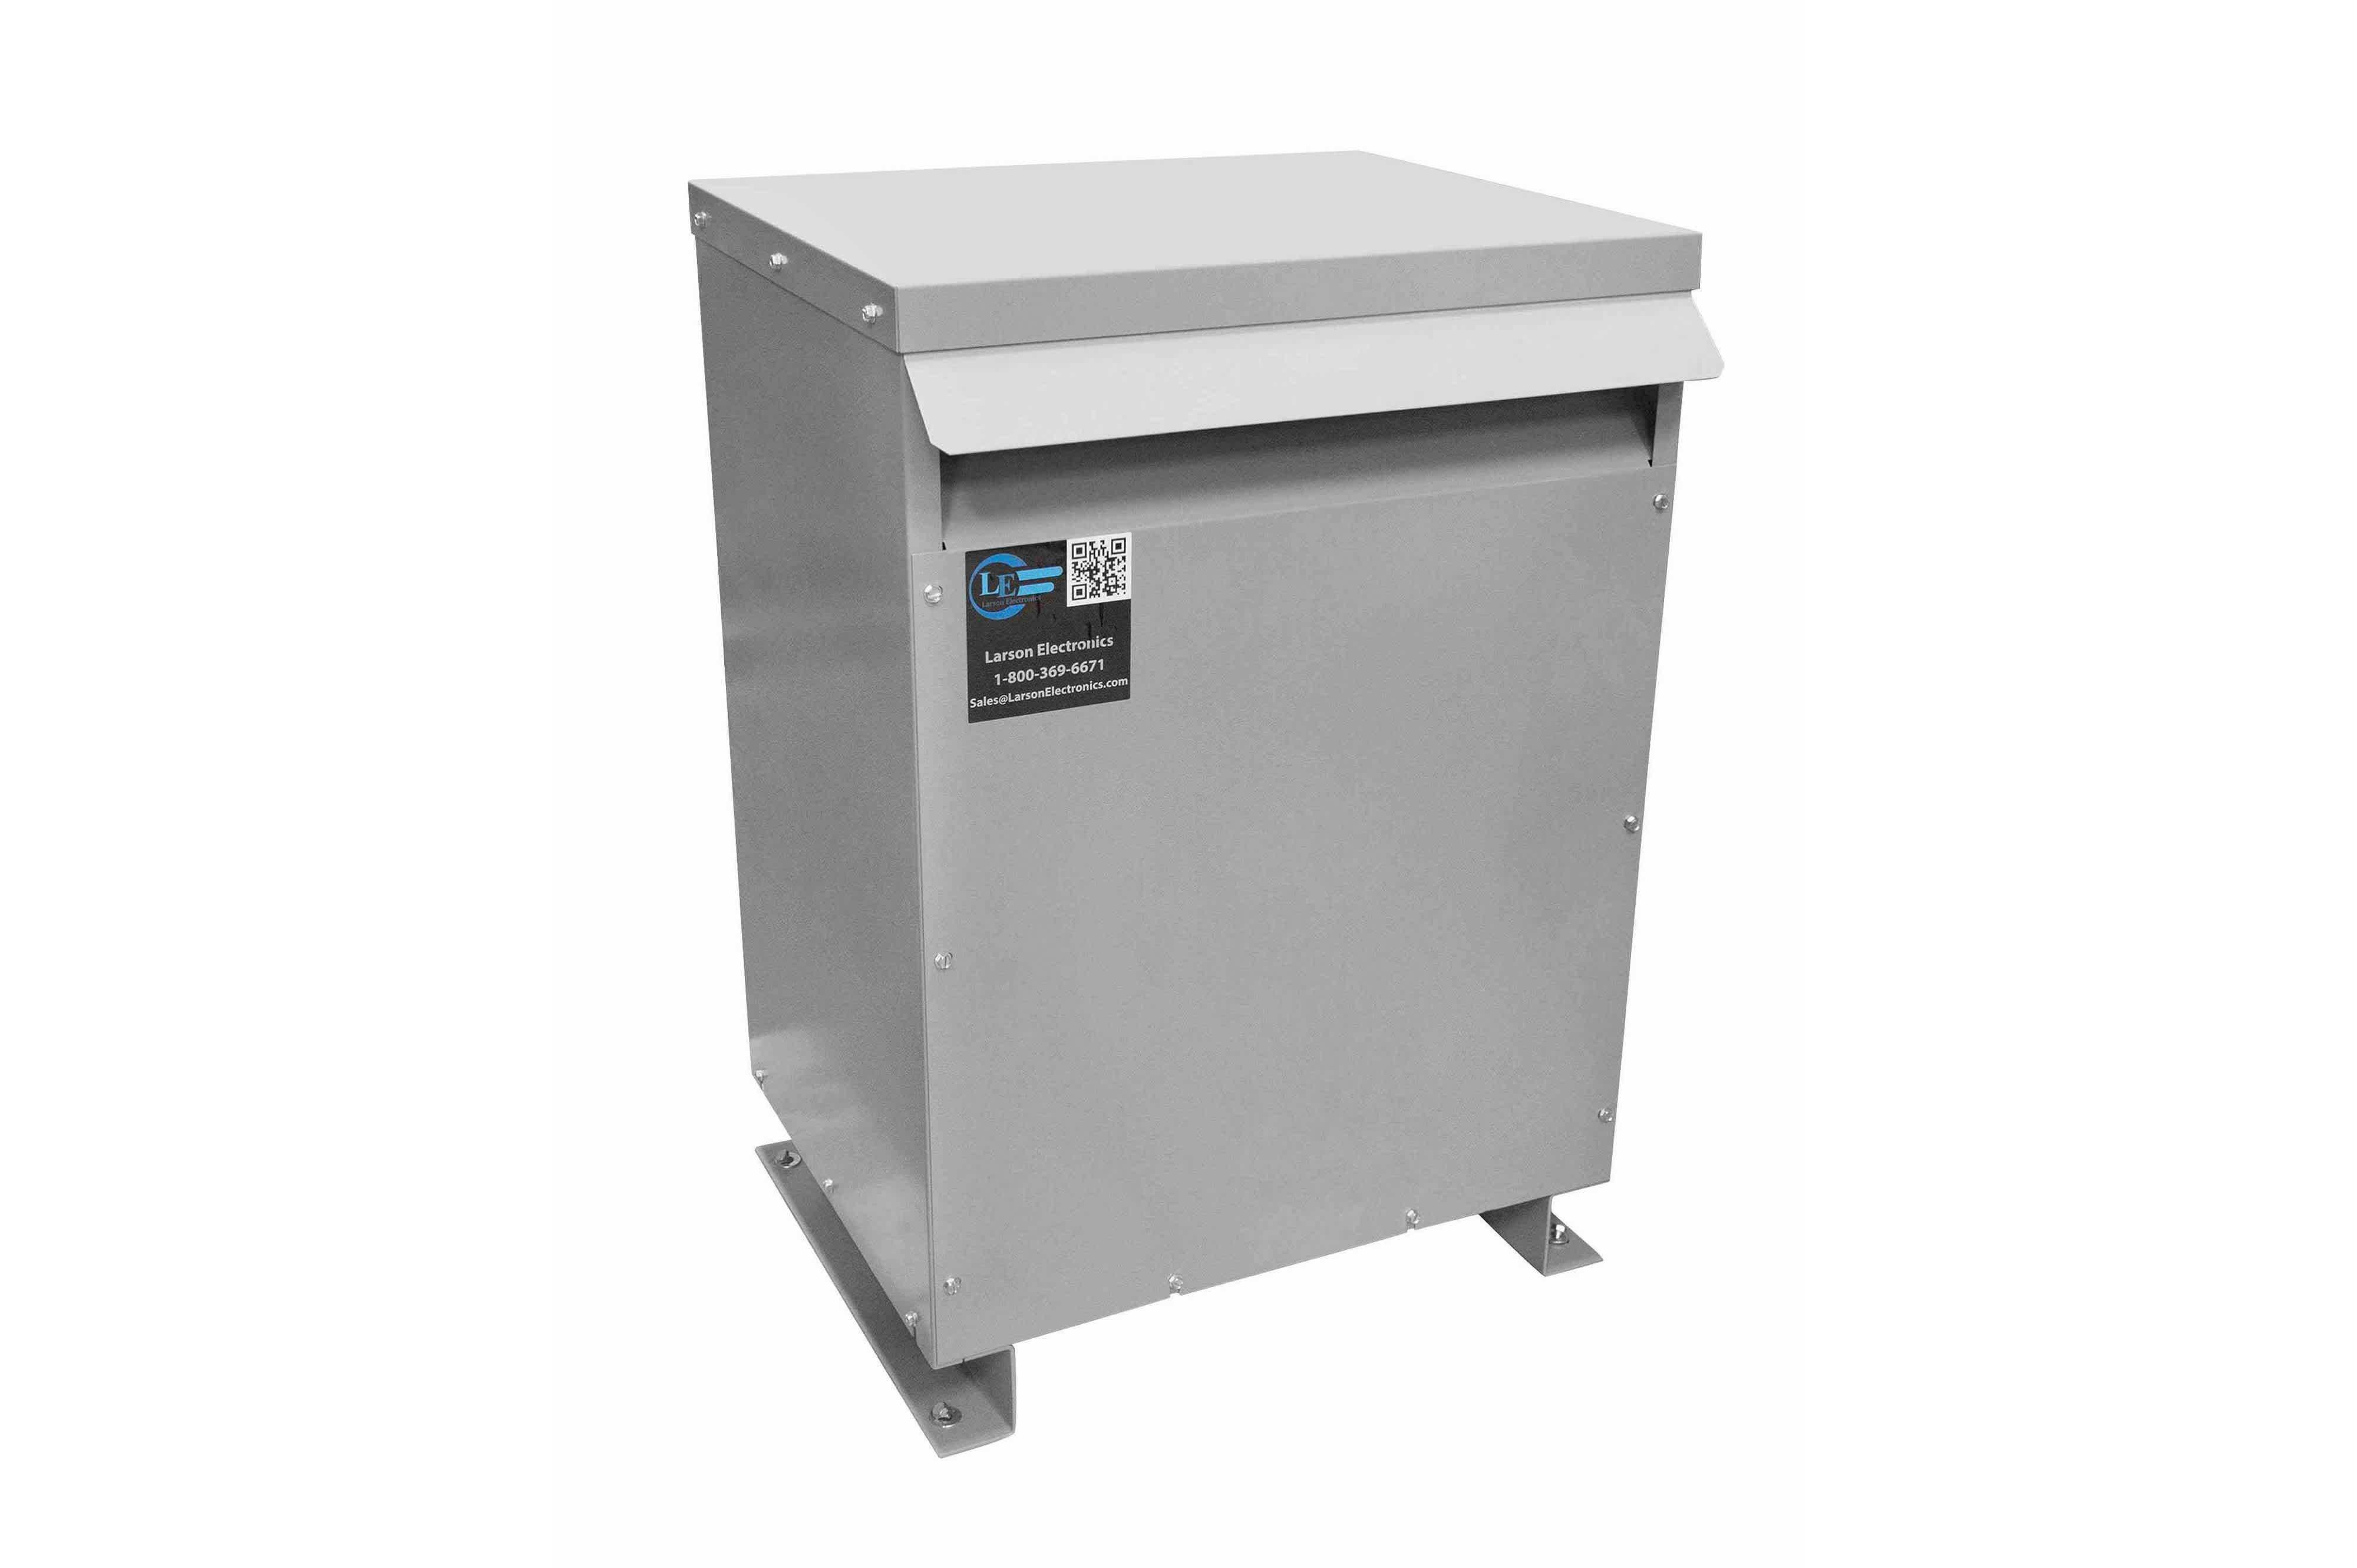 36 kVA 3PH Isolation Transformer, 400V Delta Primary, 480V Delta Secondary, N3R, Ventilated, 60 Hz